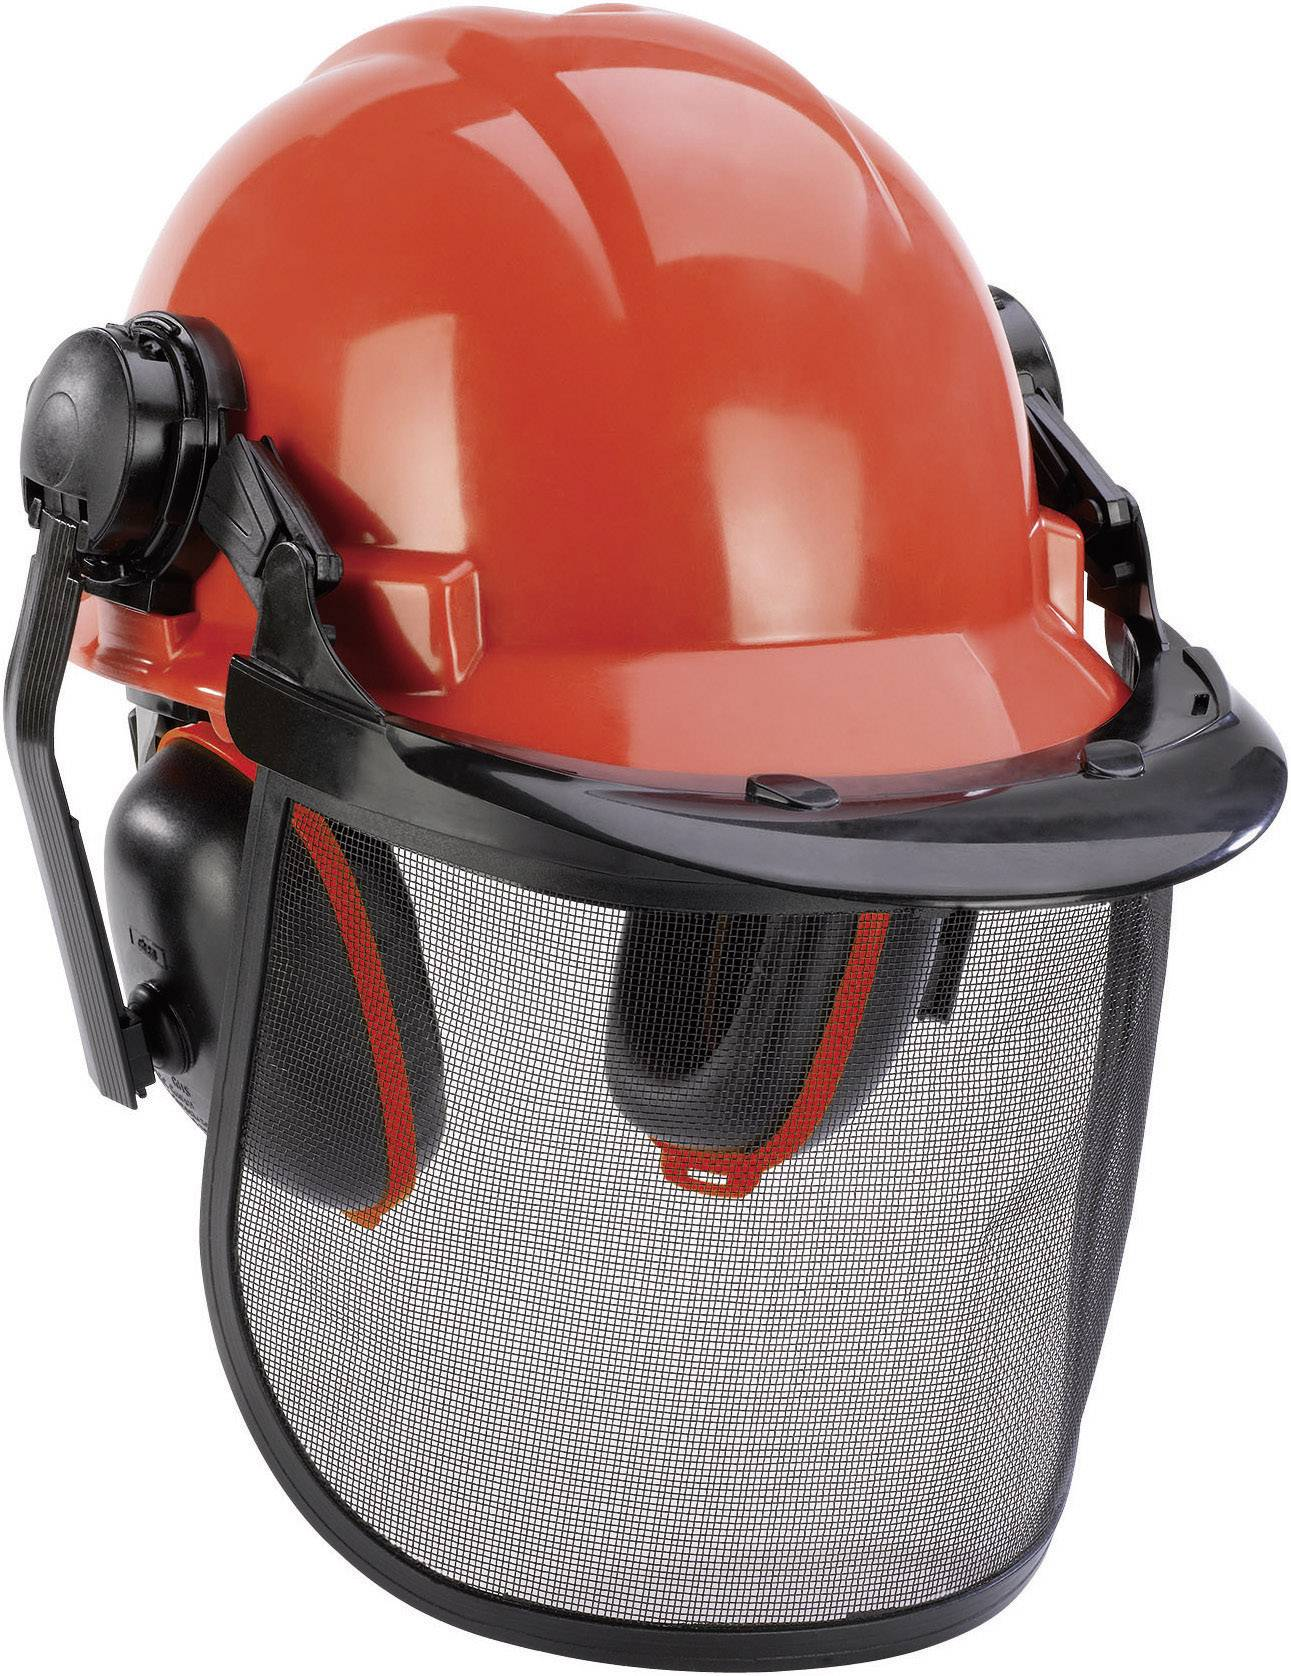 Lesnícka ochranná prilba Einhell BG-SH 1 4500480, oranžová, čierna